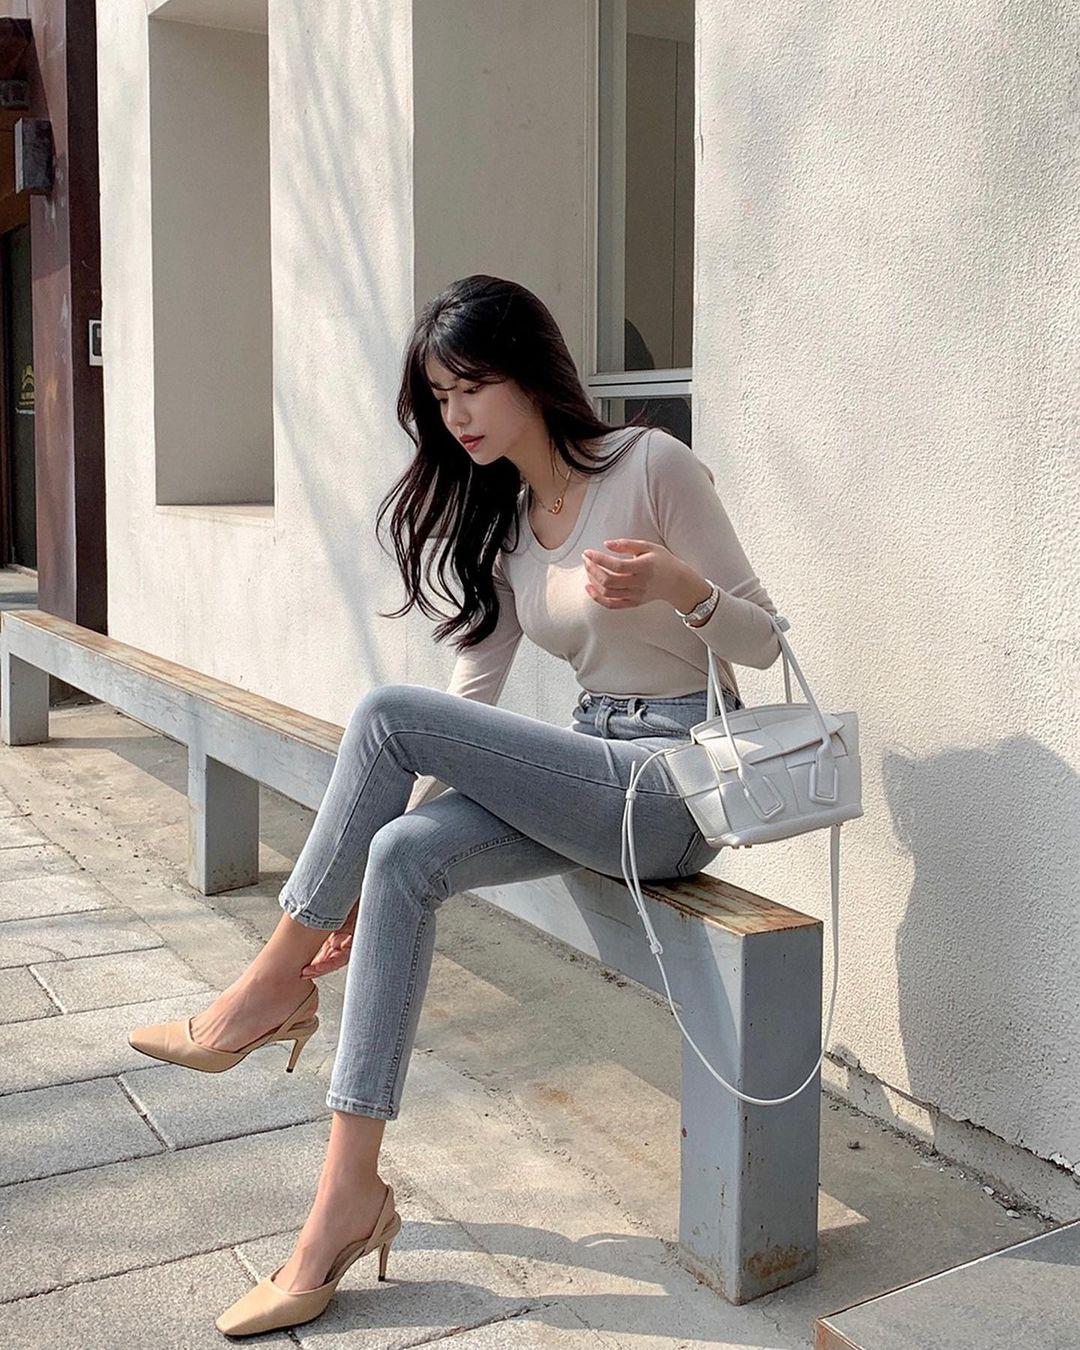 """Học nàng blogger Hàn cách diện jeans """"đỉnh của chóp"""": Vừa hack dáng vừa thanh lịch để đến sở làm - Ảnh 2"""